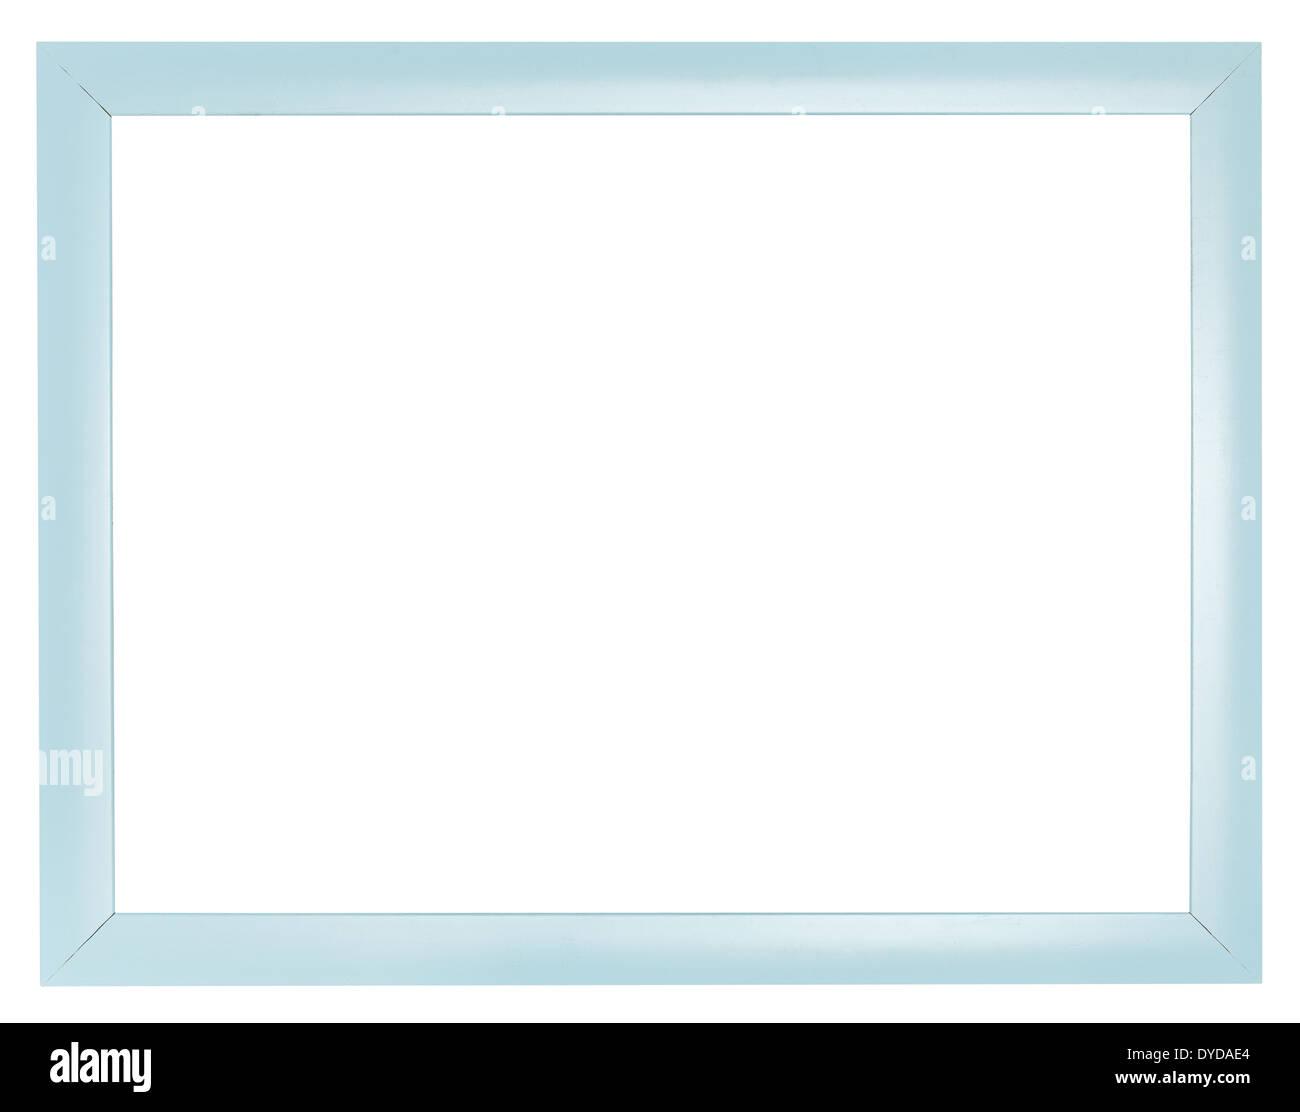 blaue Kunststoff flach einfache Bilderrahmen mit ausgeschnittenen ...